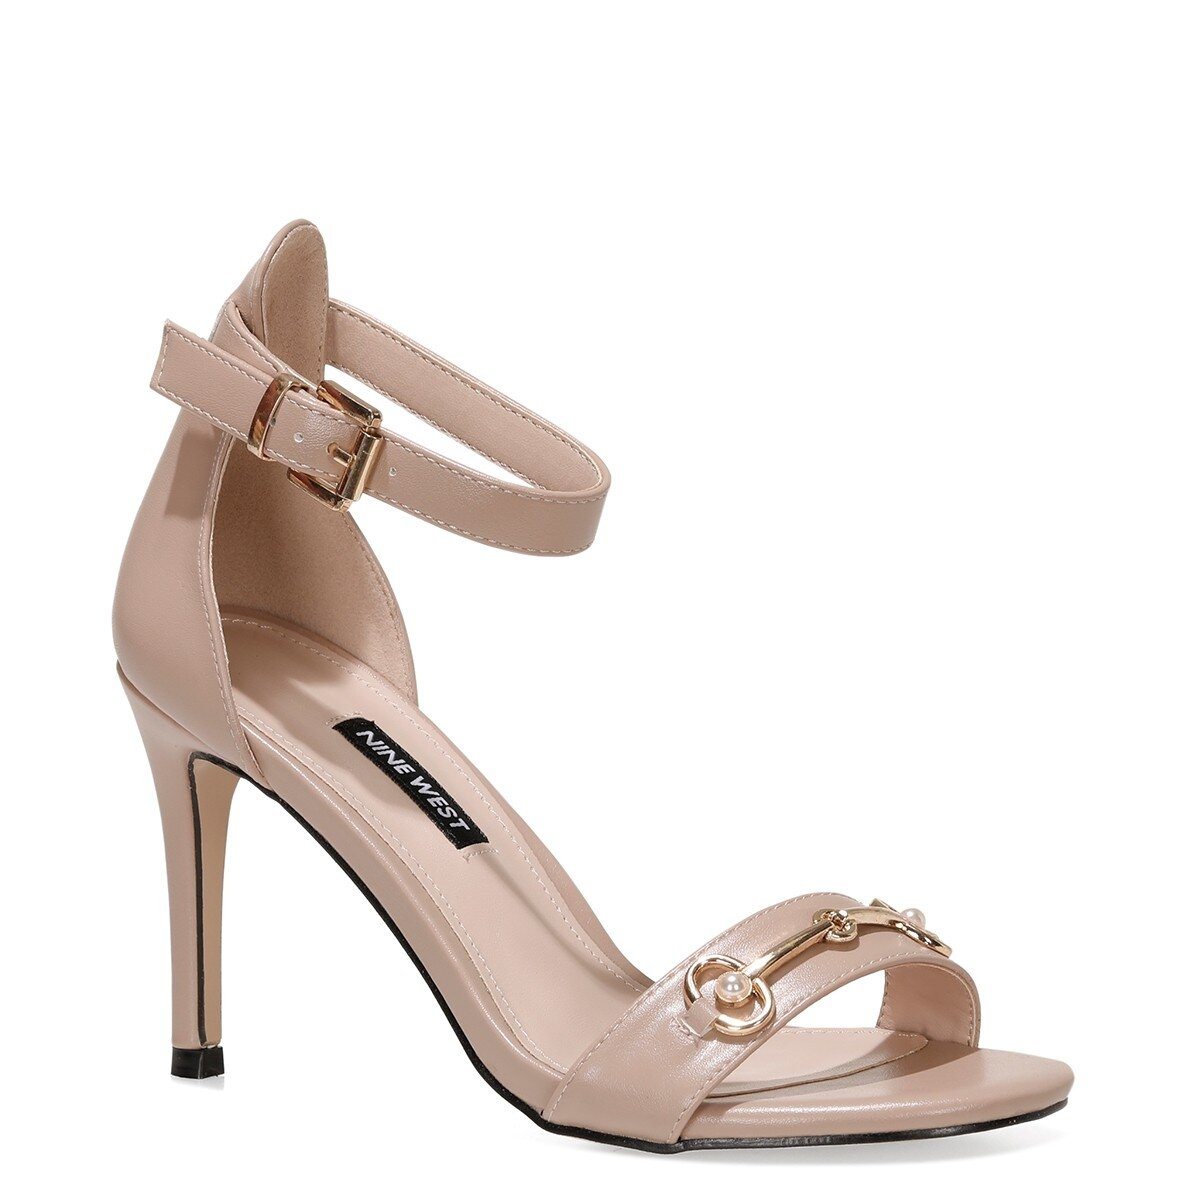 LEATRICE 1FX Naturel Kadın Sandalet